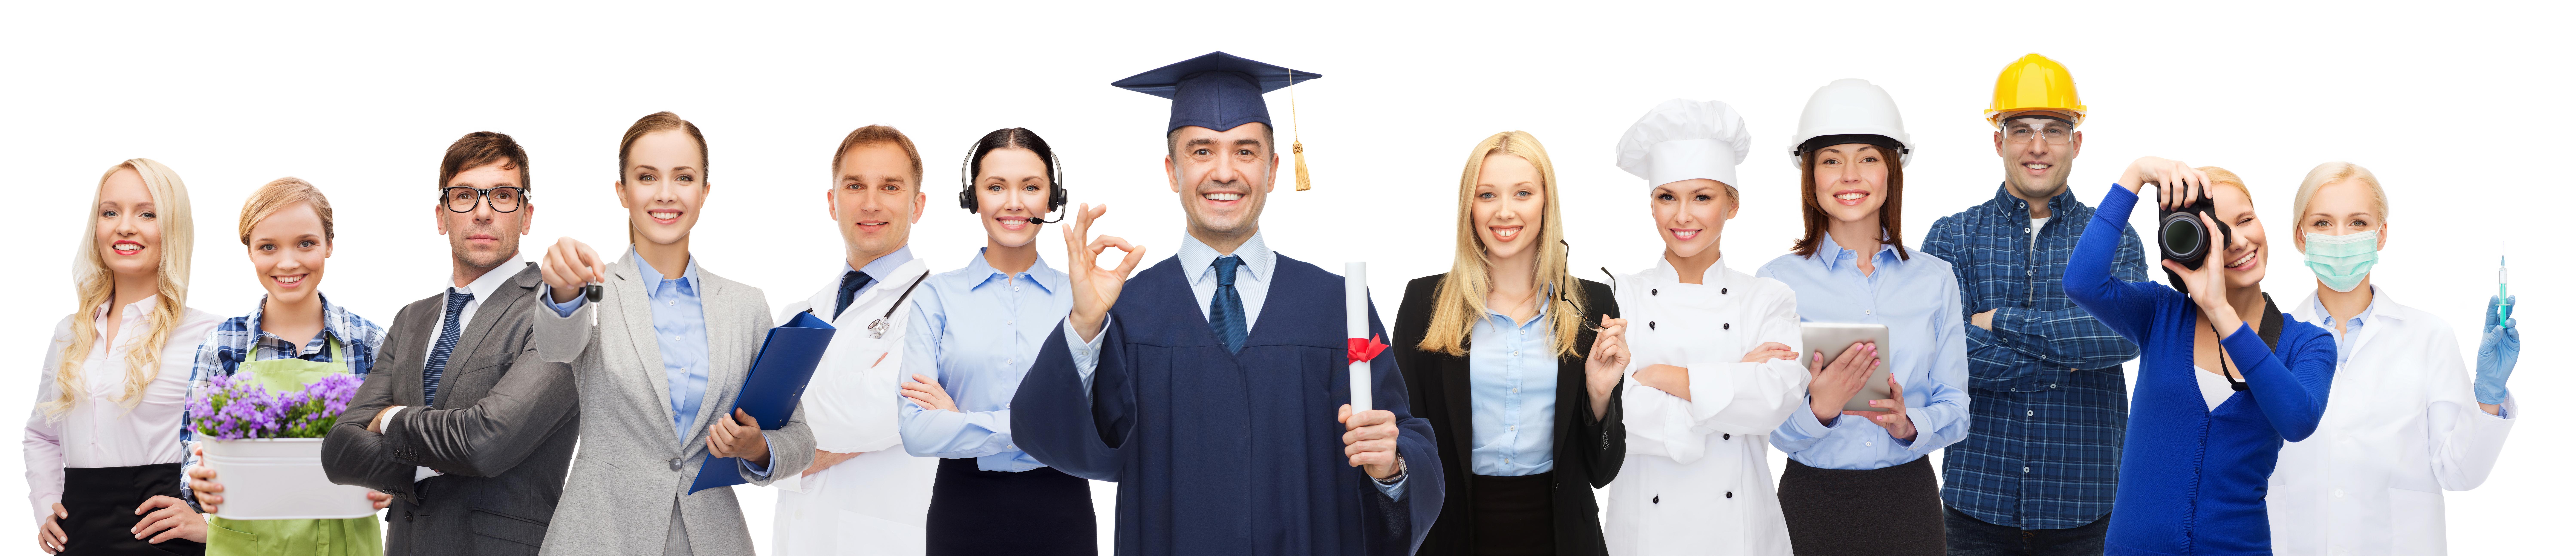 faculdade e profissão